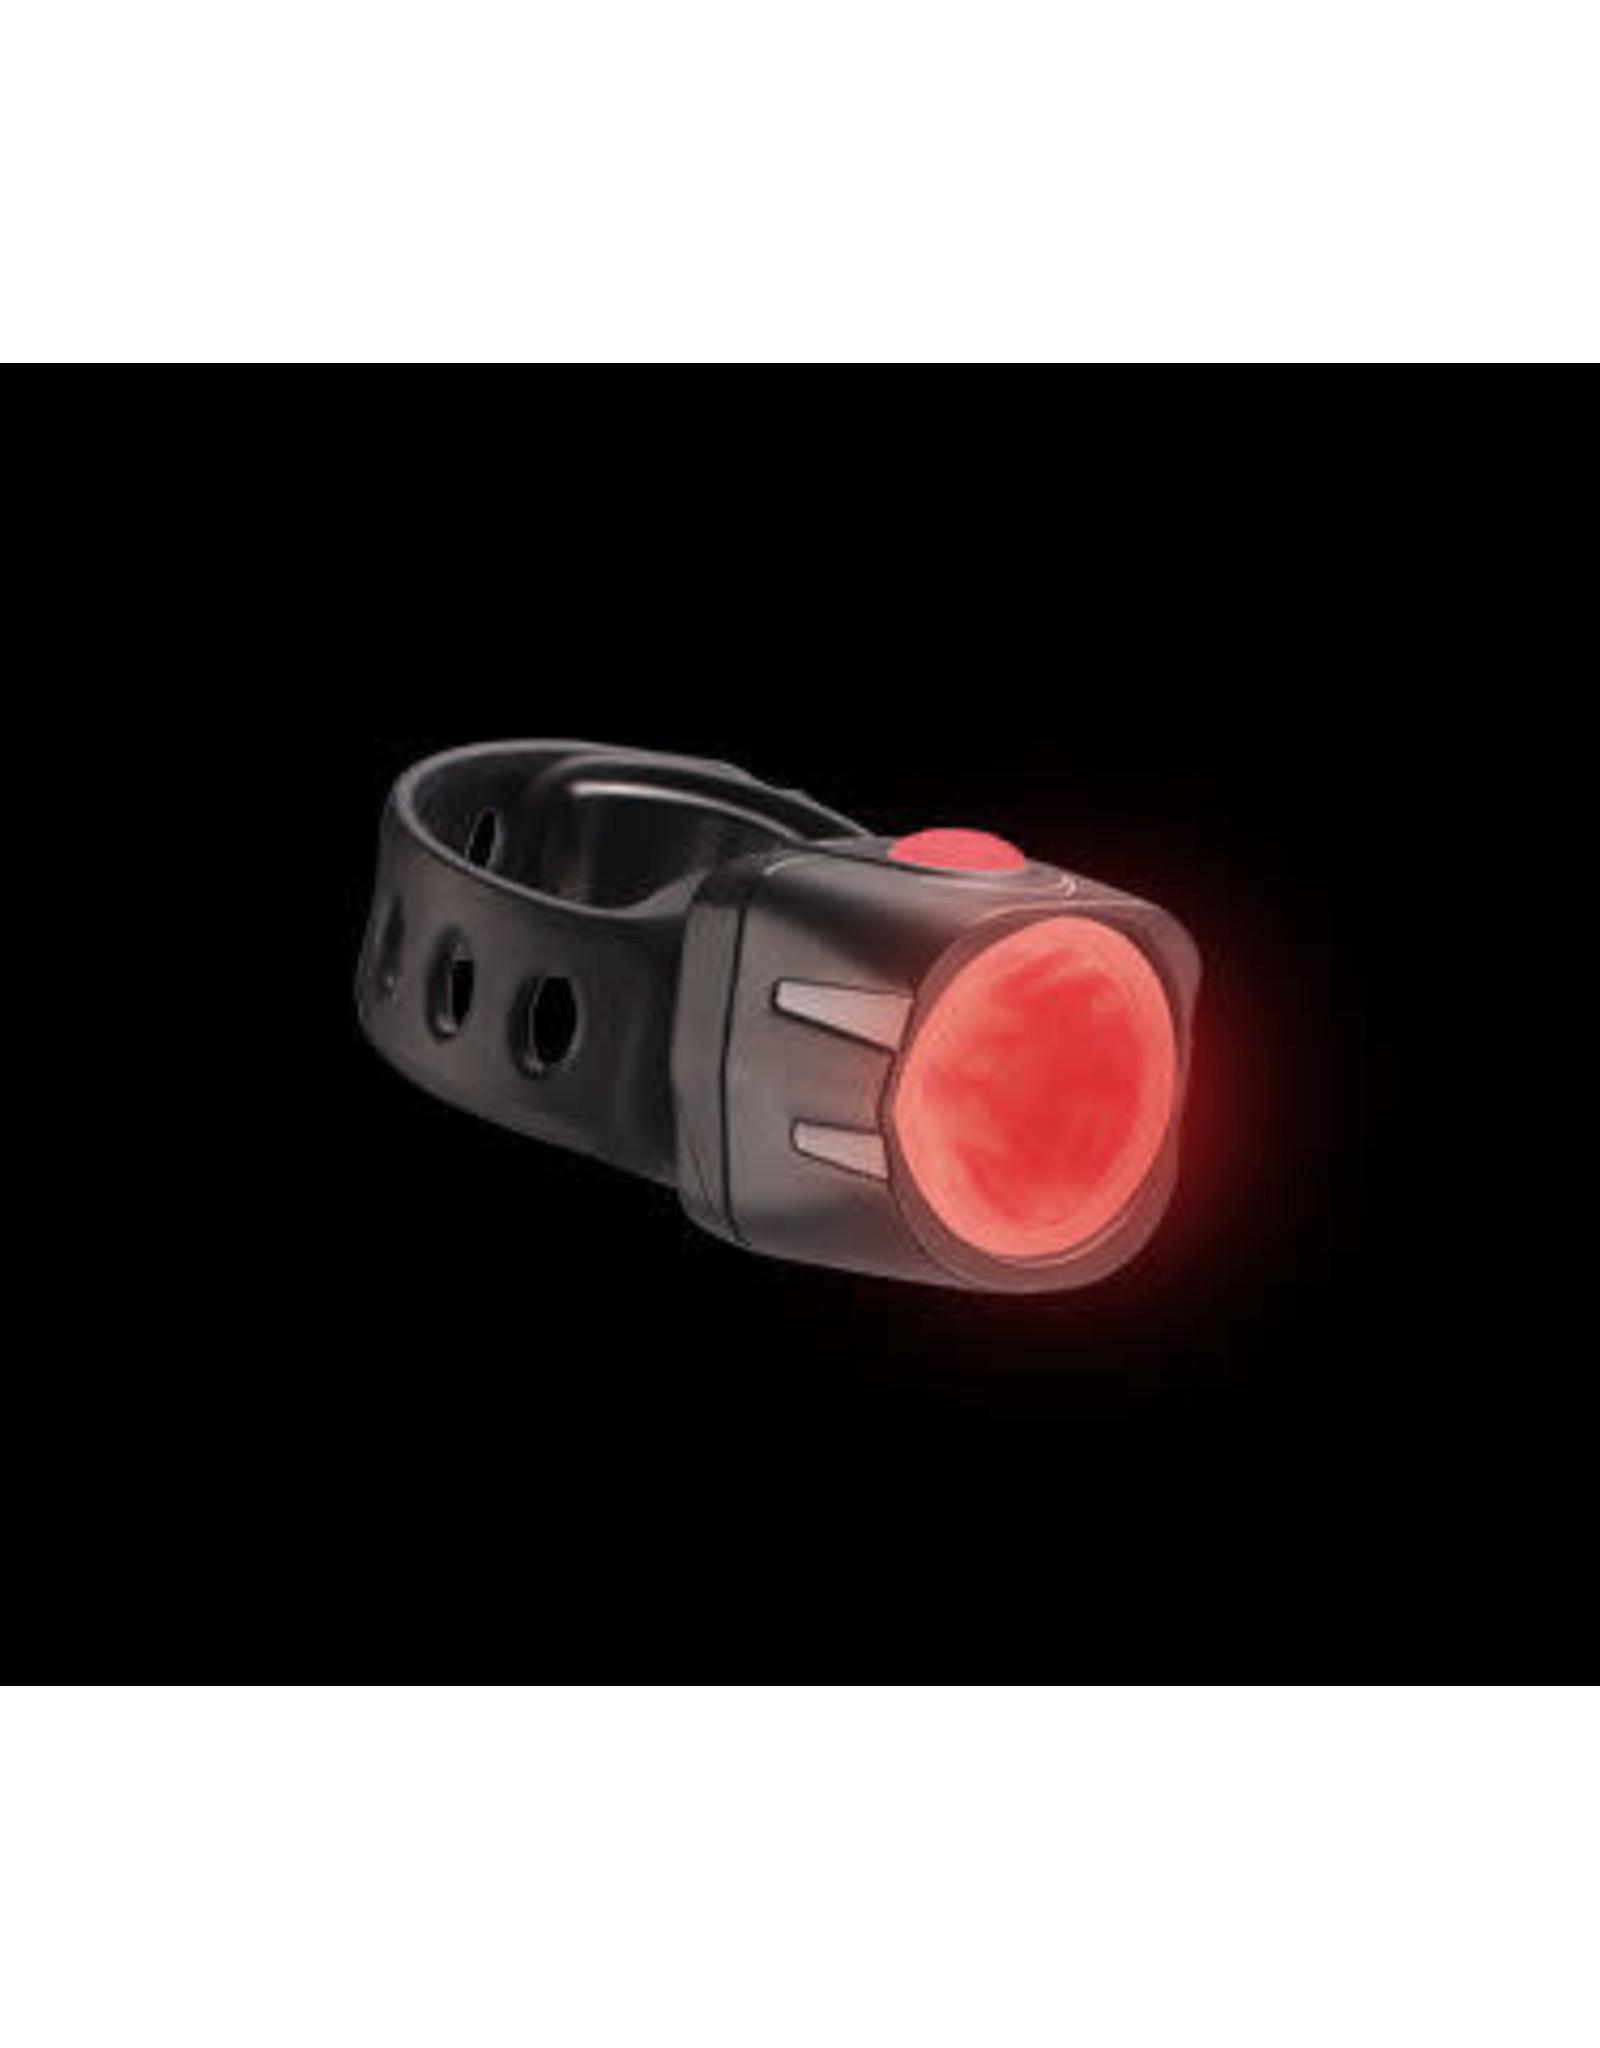 Cygolite, Dice TL 50 USB, Light, Rear, Black